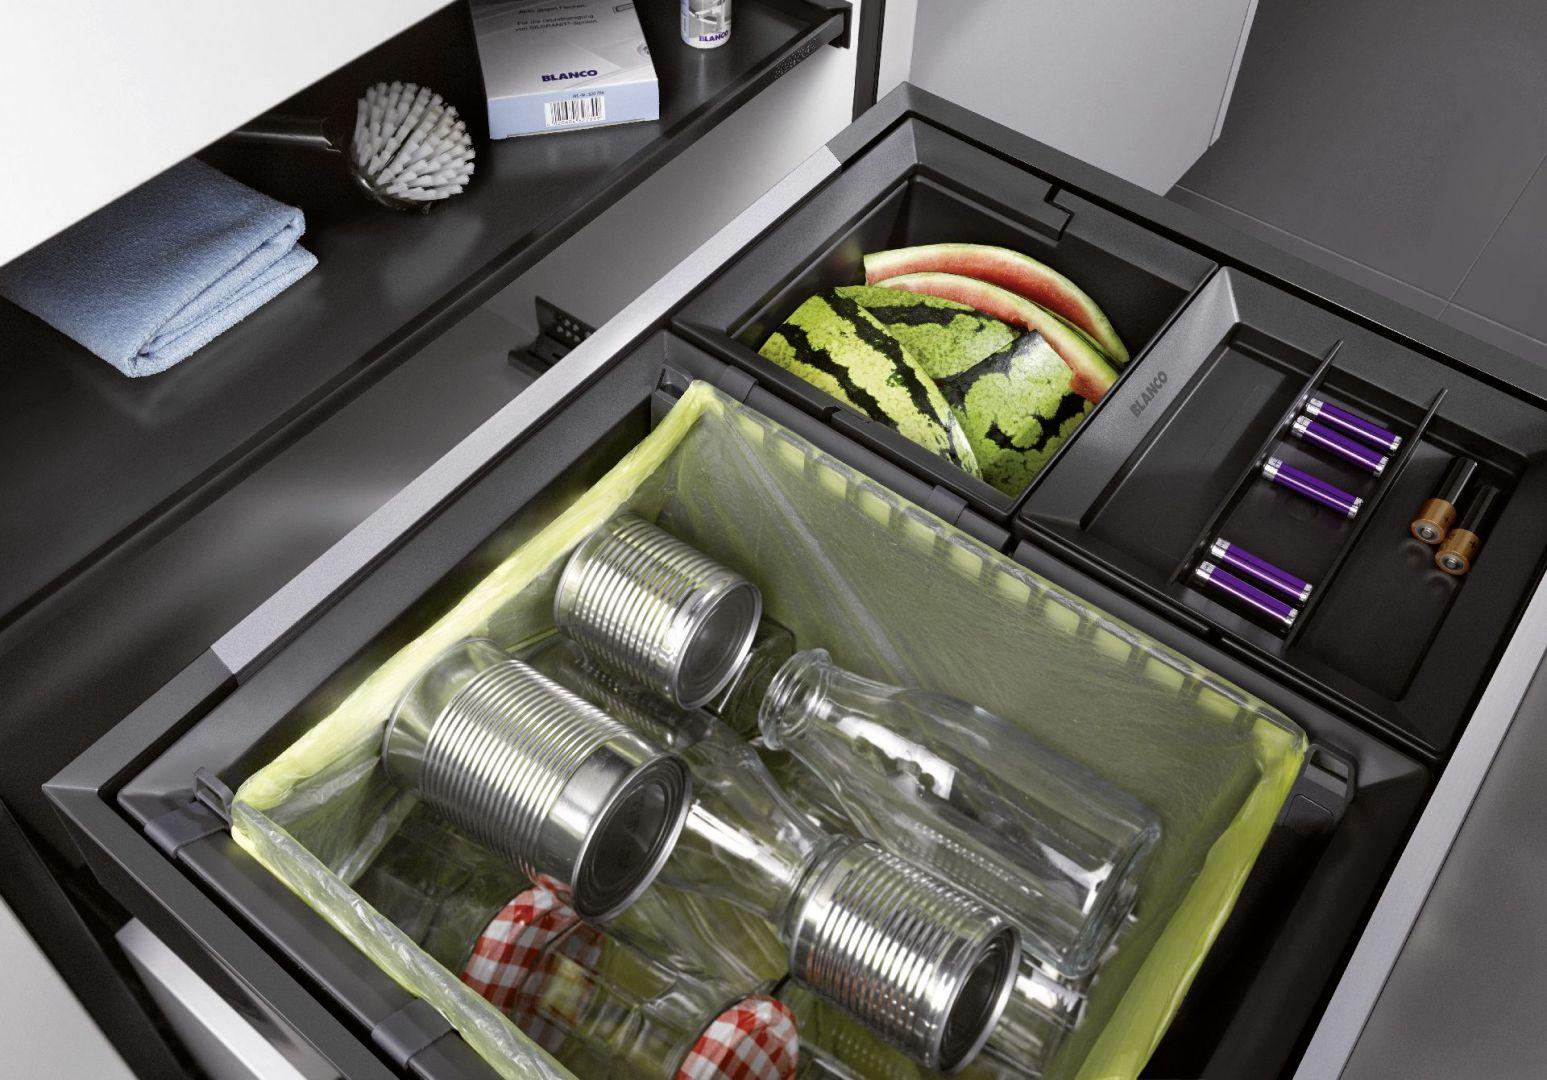 Segragacja odpadów to ważna kwestia, którą musimy przewidzieć w naszej kuchni.  Fot. Blanco/Comitor